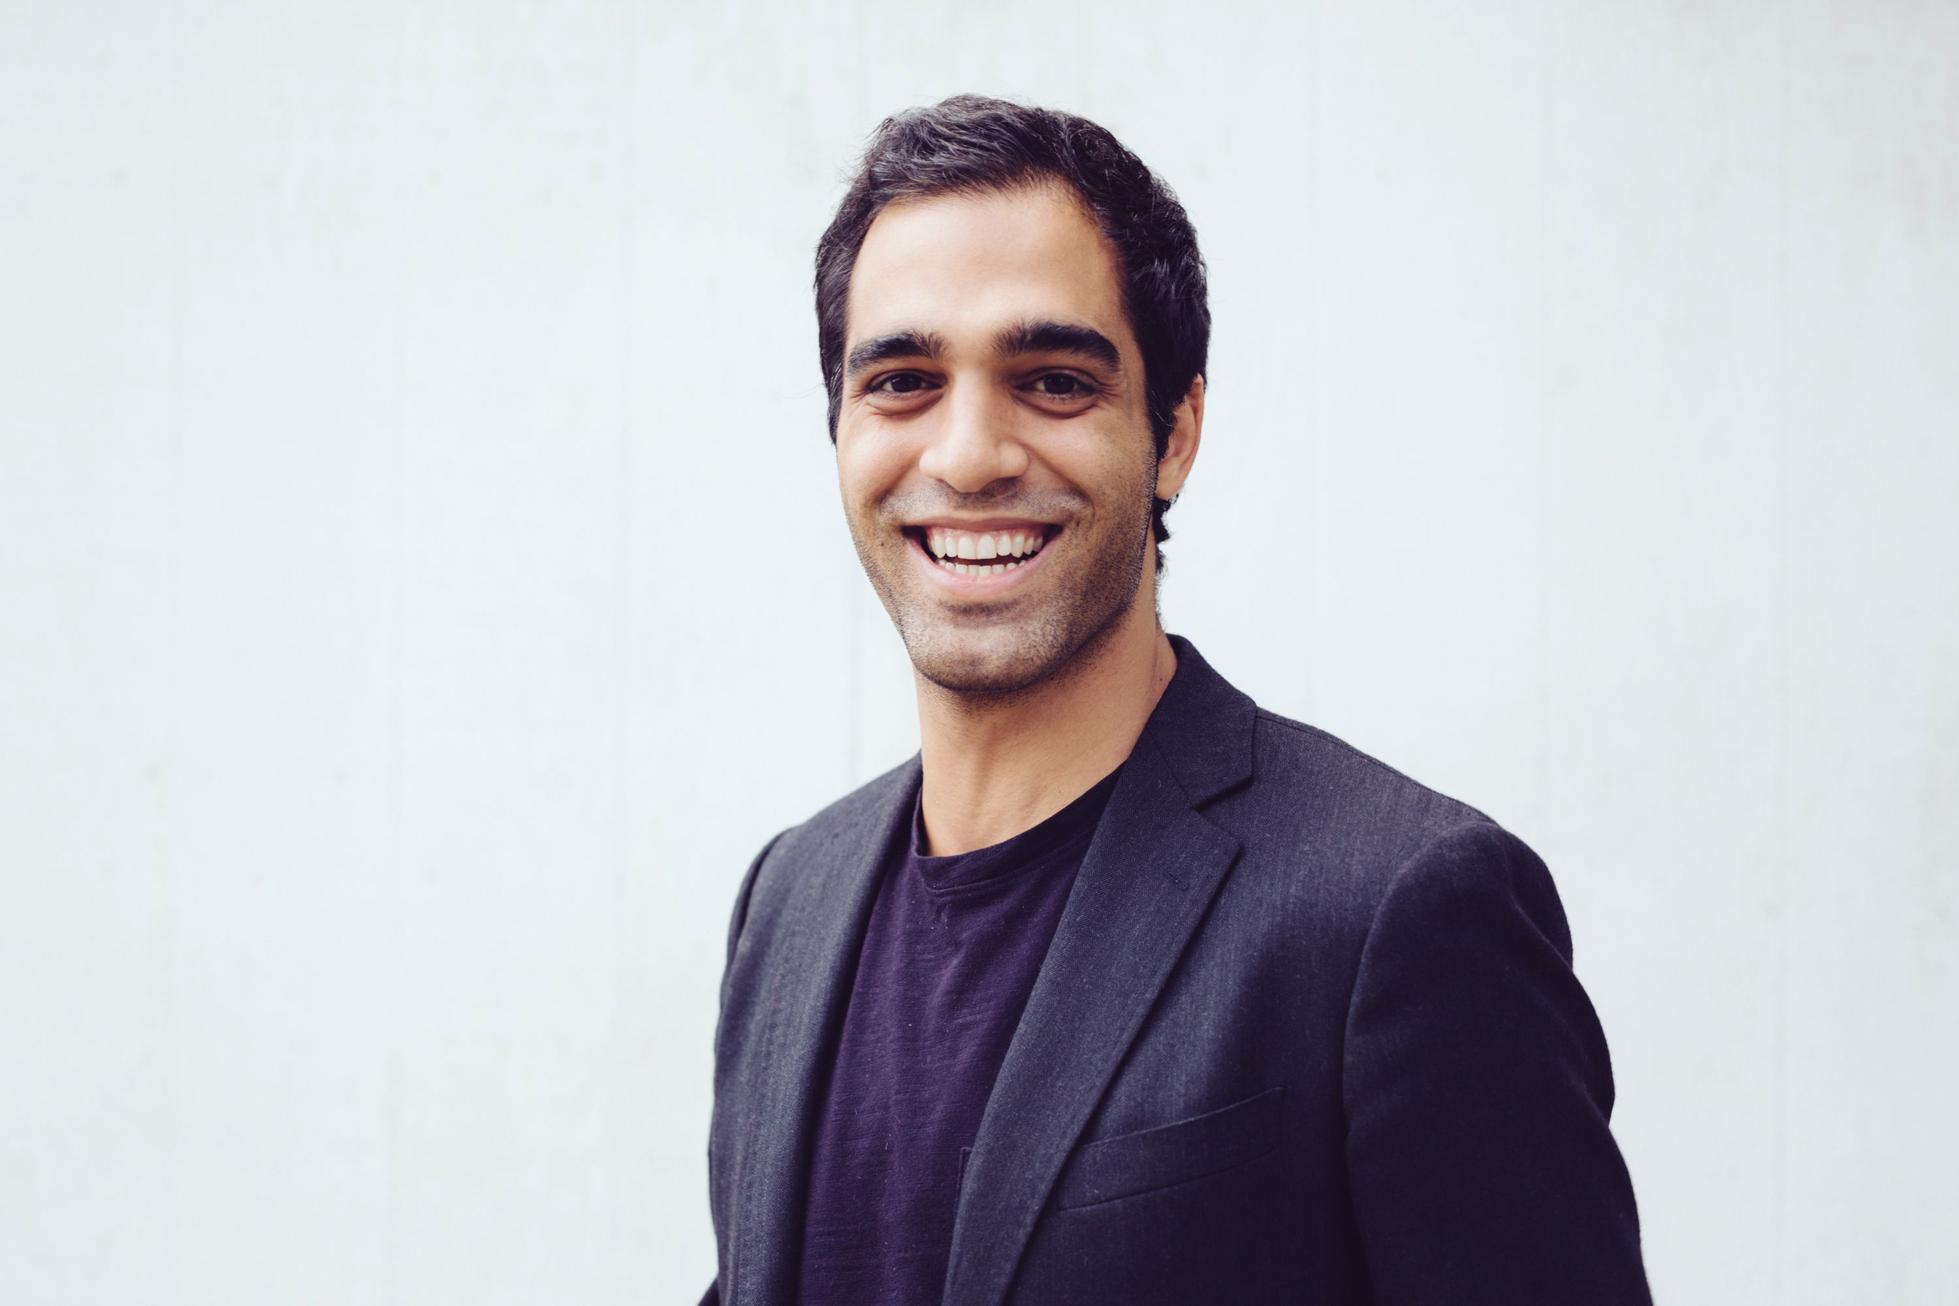 FabFitFun co-founder and co-CEO